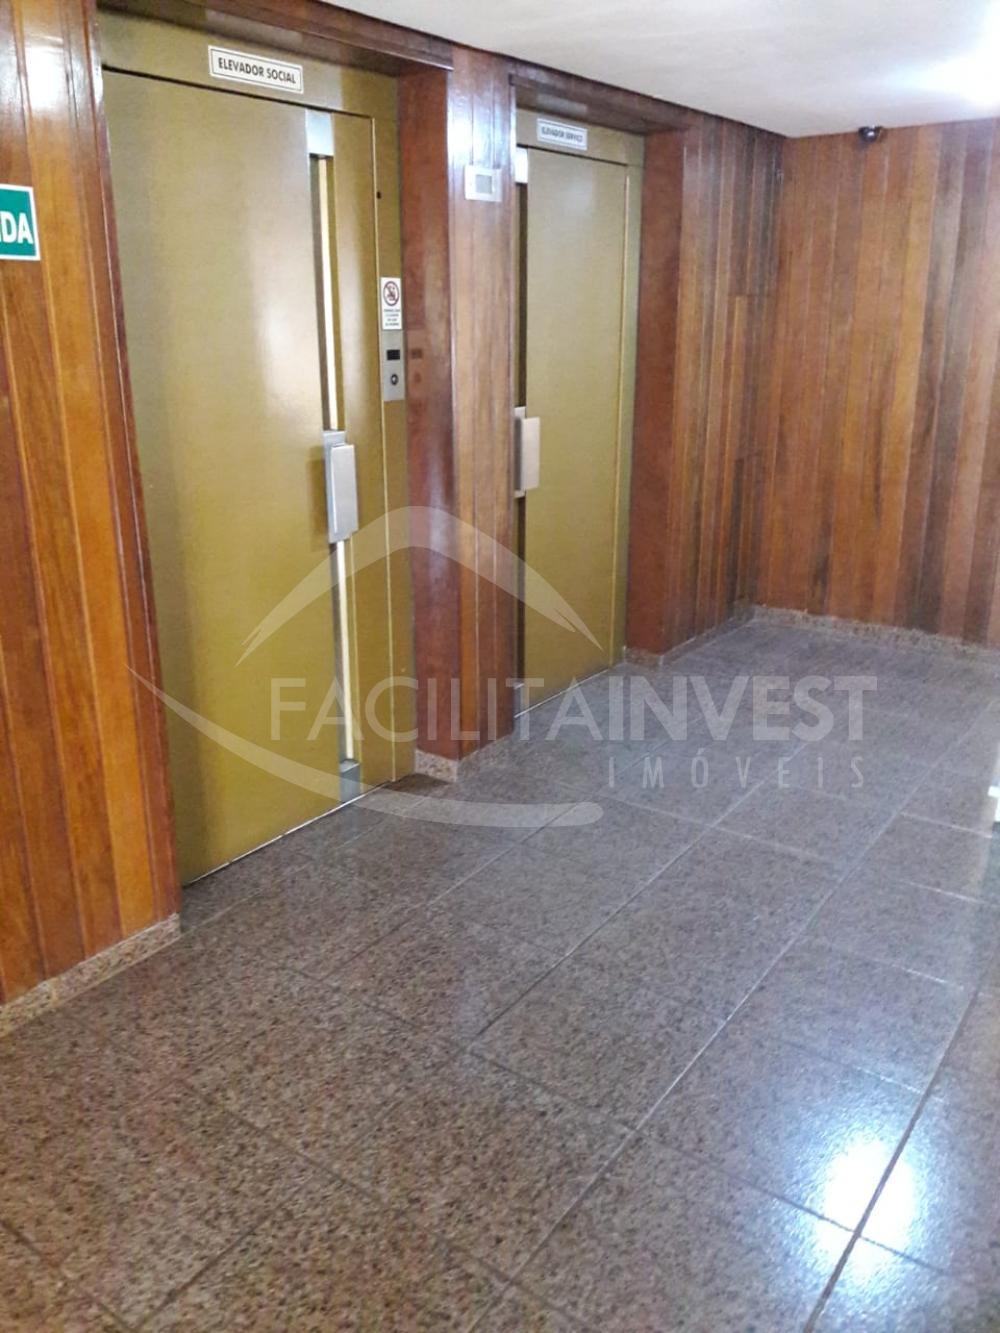 Comprar Apartamentos / Apart. Padrão em Ribeirão Preto apenas R$ 275.000,00 - Foto 14